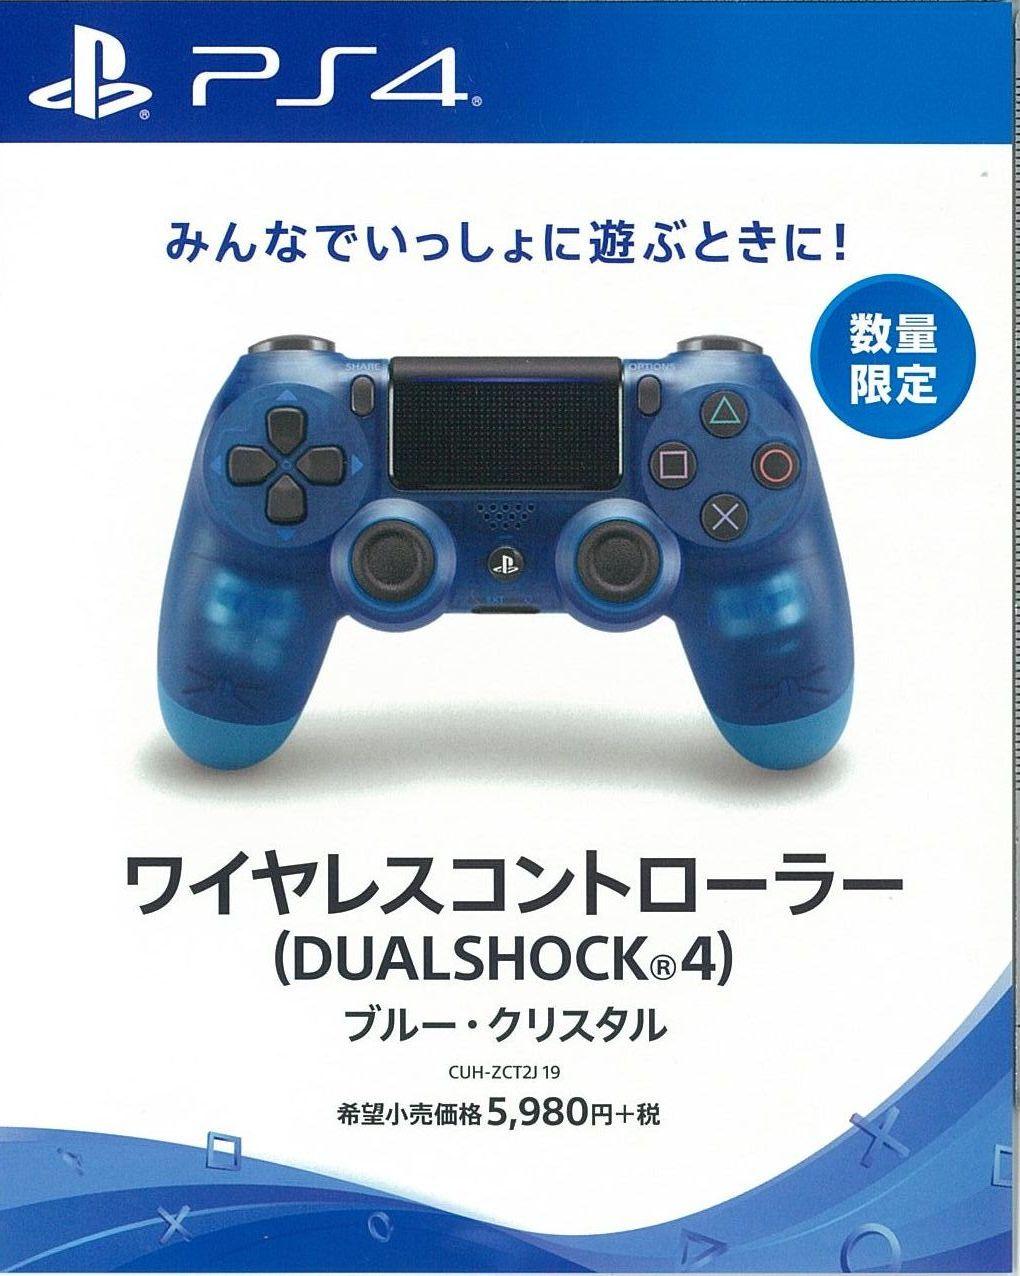 ワイヤレスコントローラー(DUALSHOCK4) ブルー・クリスタル